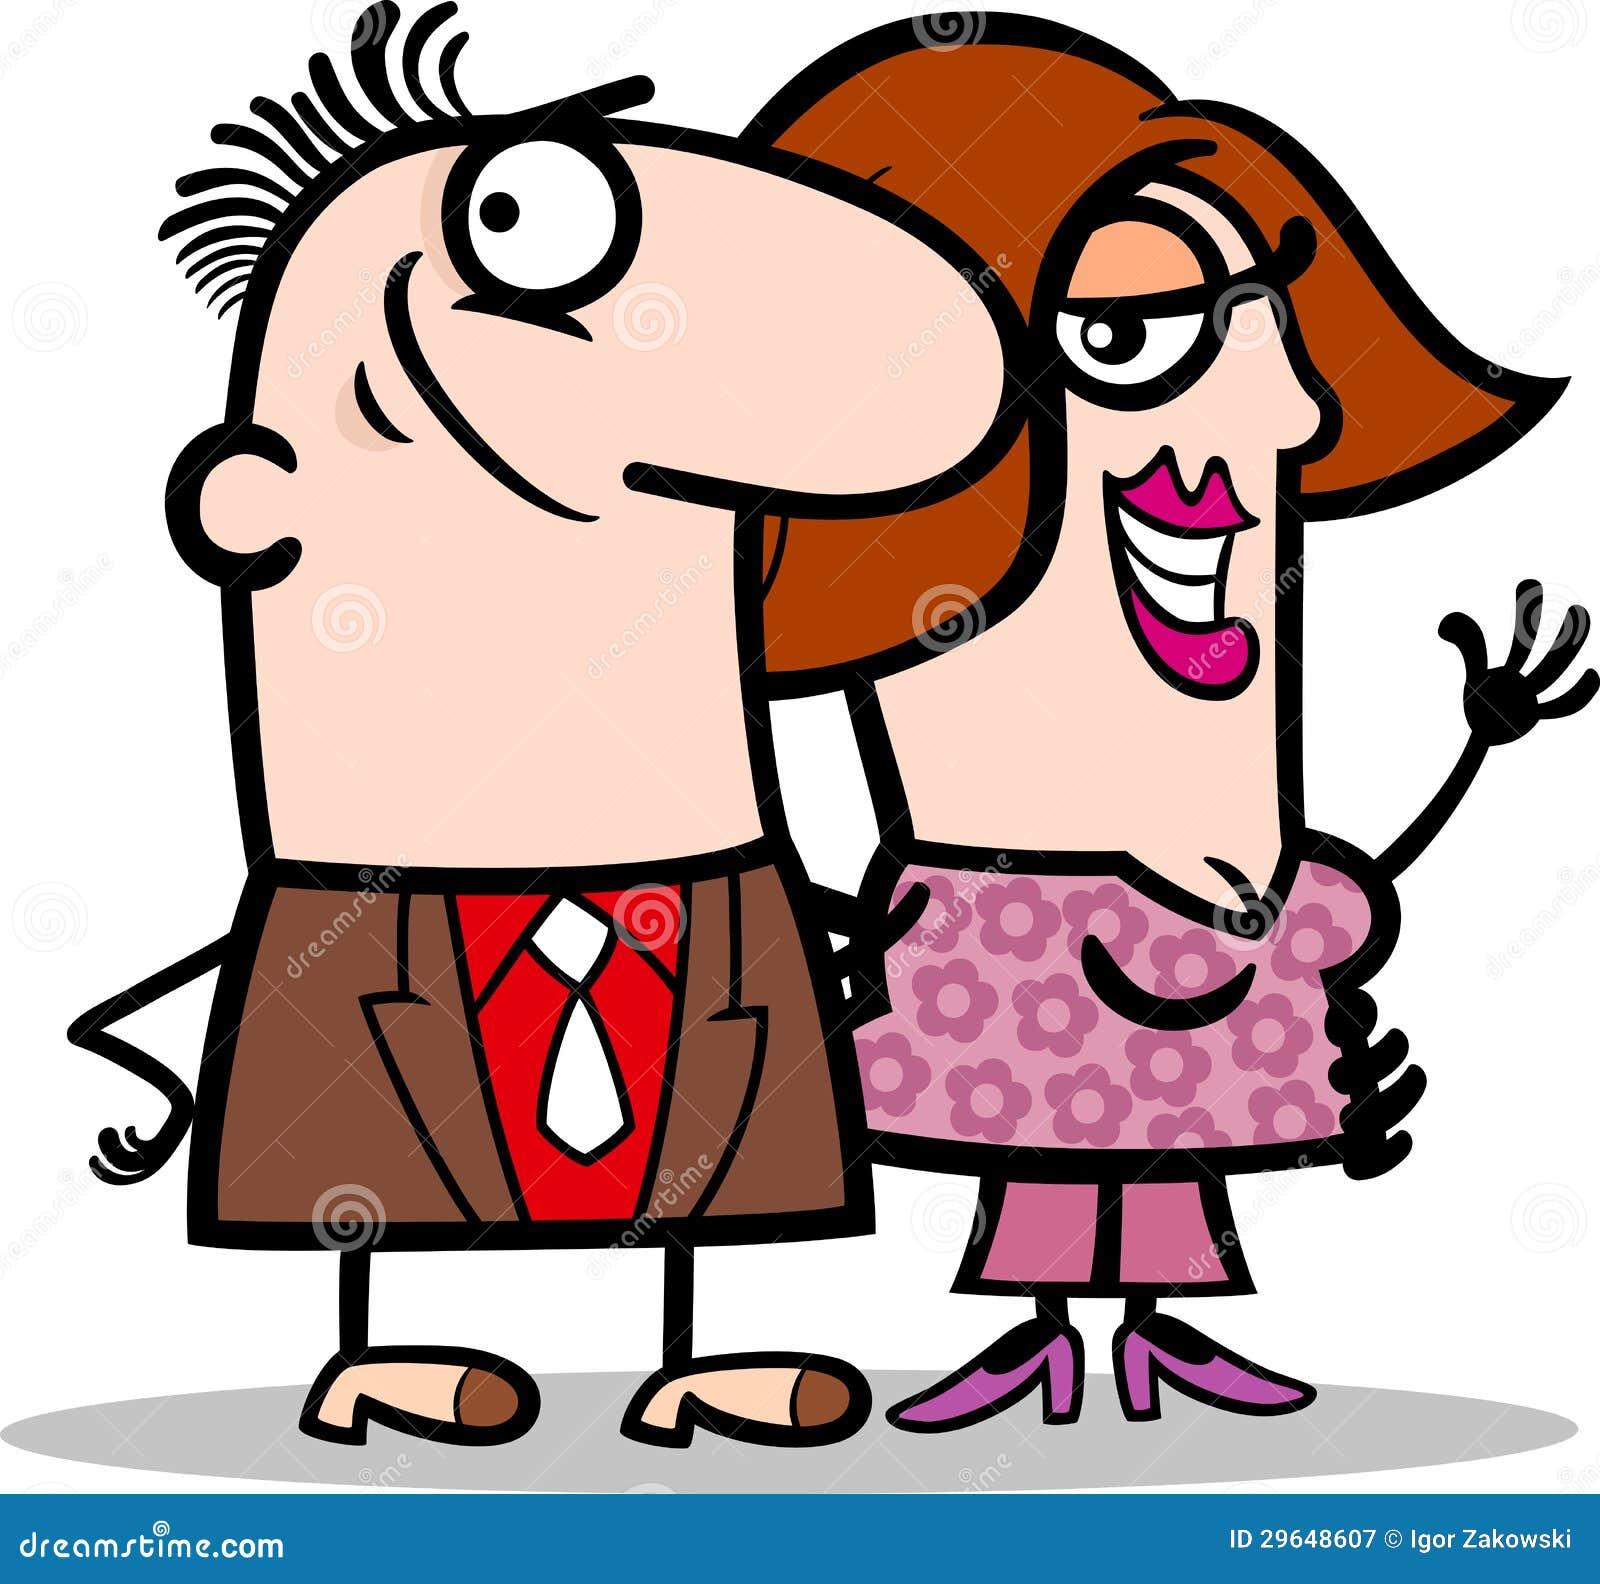 happy-man-woman-couple-cartoon-29648607.